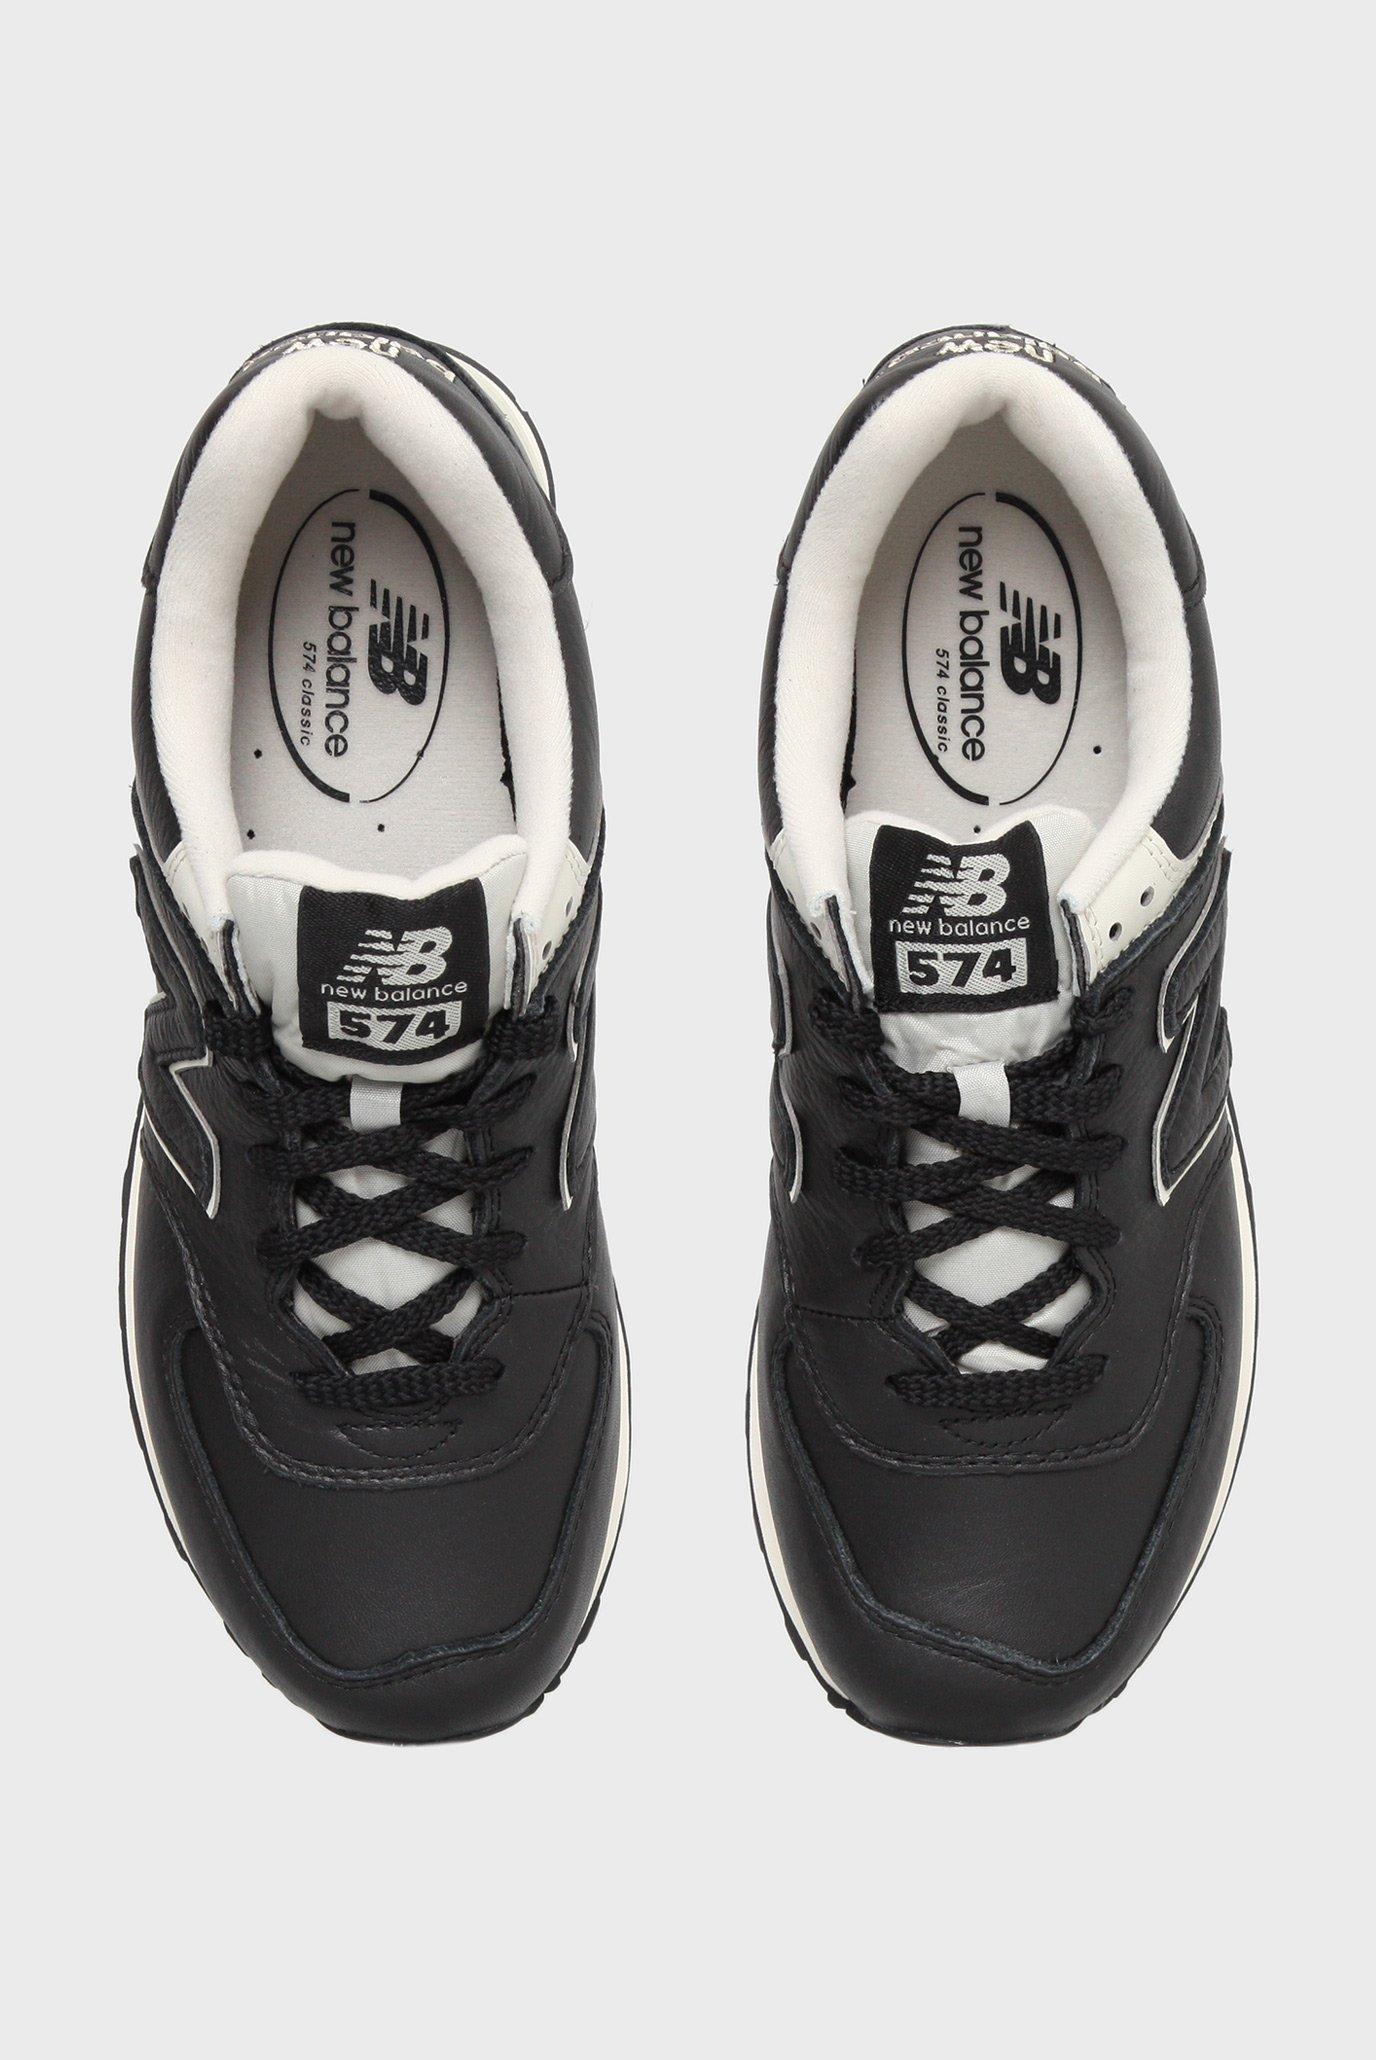 Купить Мужские черные кожаные кроссовки 574 New Balance New Balance  ML574LUC – Киев, Украина. Цены в интернет ... 1356c9378d7